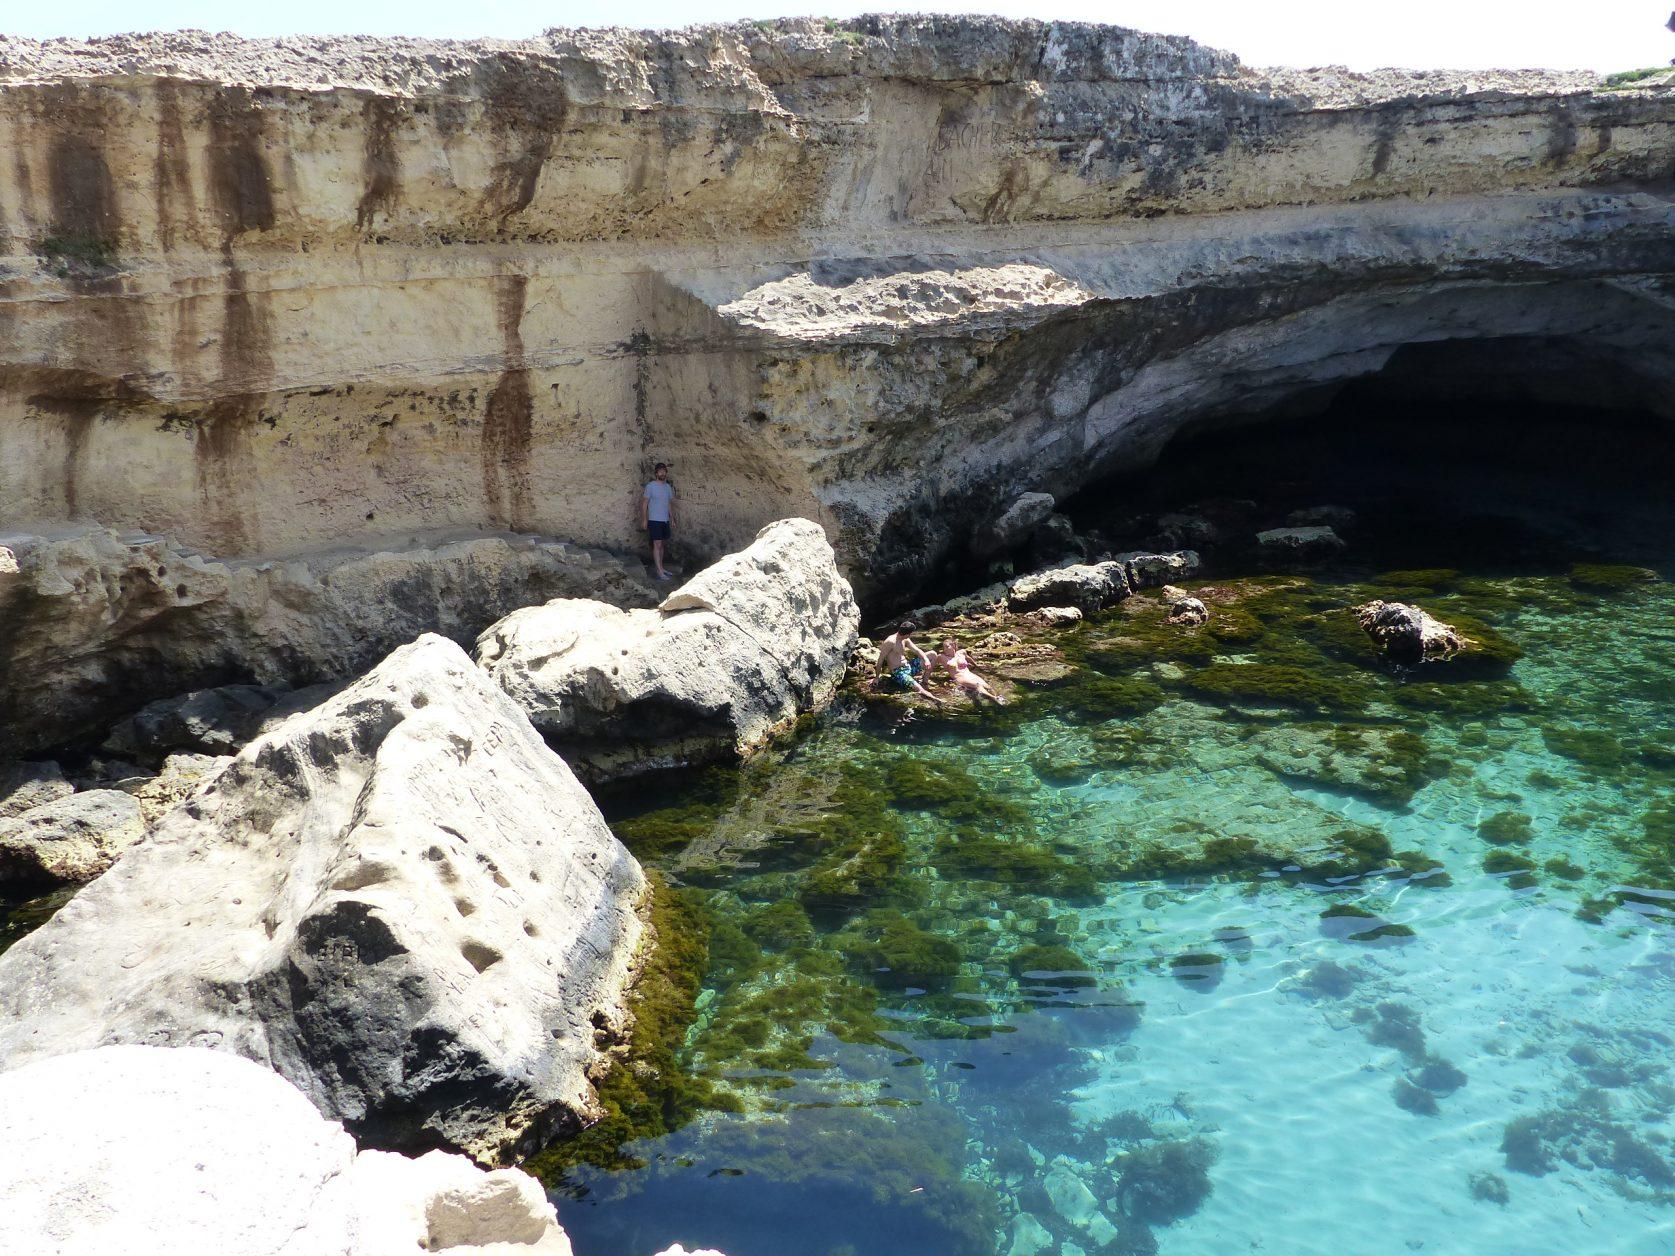 Eine der schönsten Badeplätze der Welt: die Grotta della Poesia Foto: Weirauch